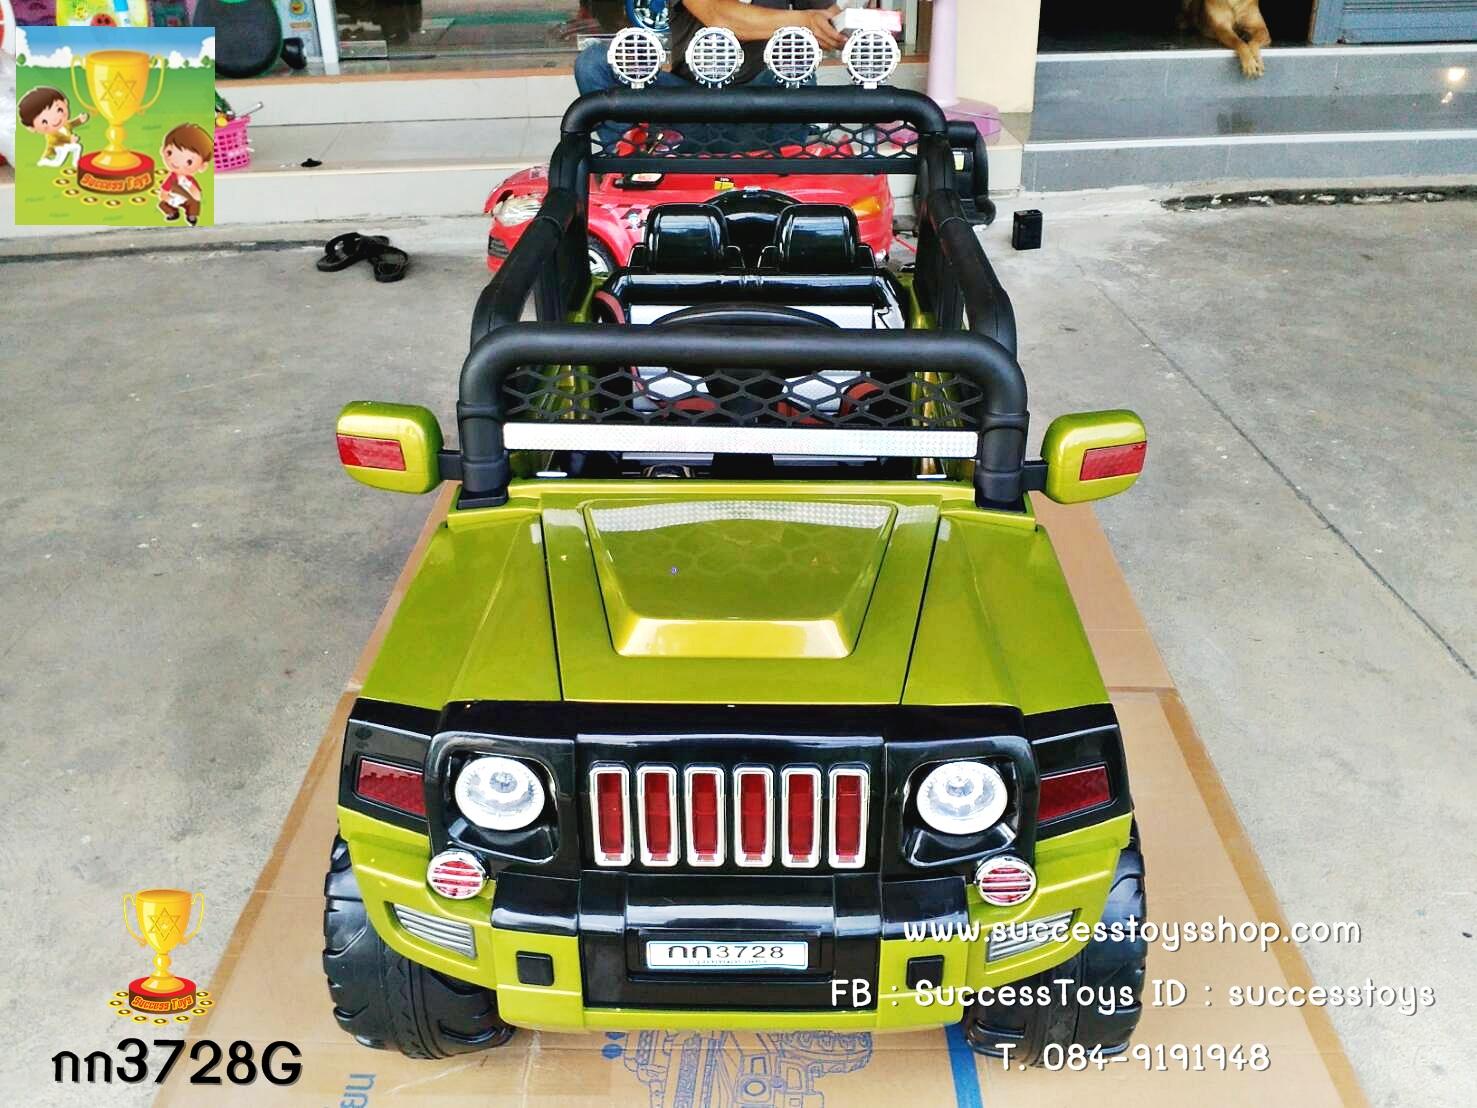 กก3728 รถจี๊ป 4wd ขับ4ล้อ มอเตอร์4ตัว มี 3 สี แดง เขียว ขาว